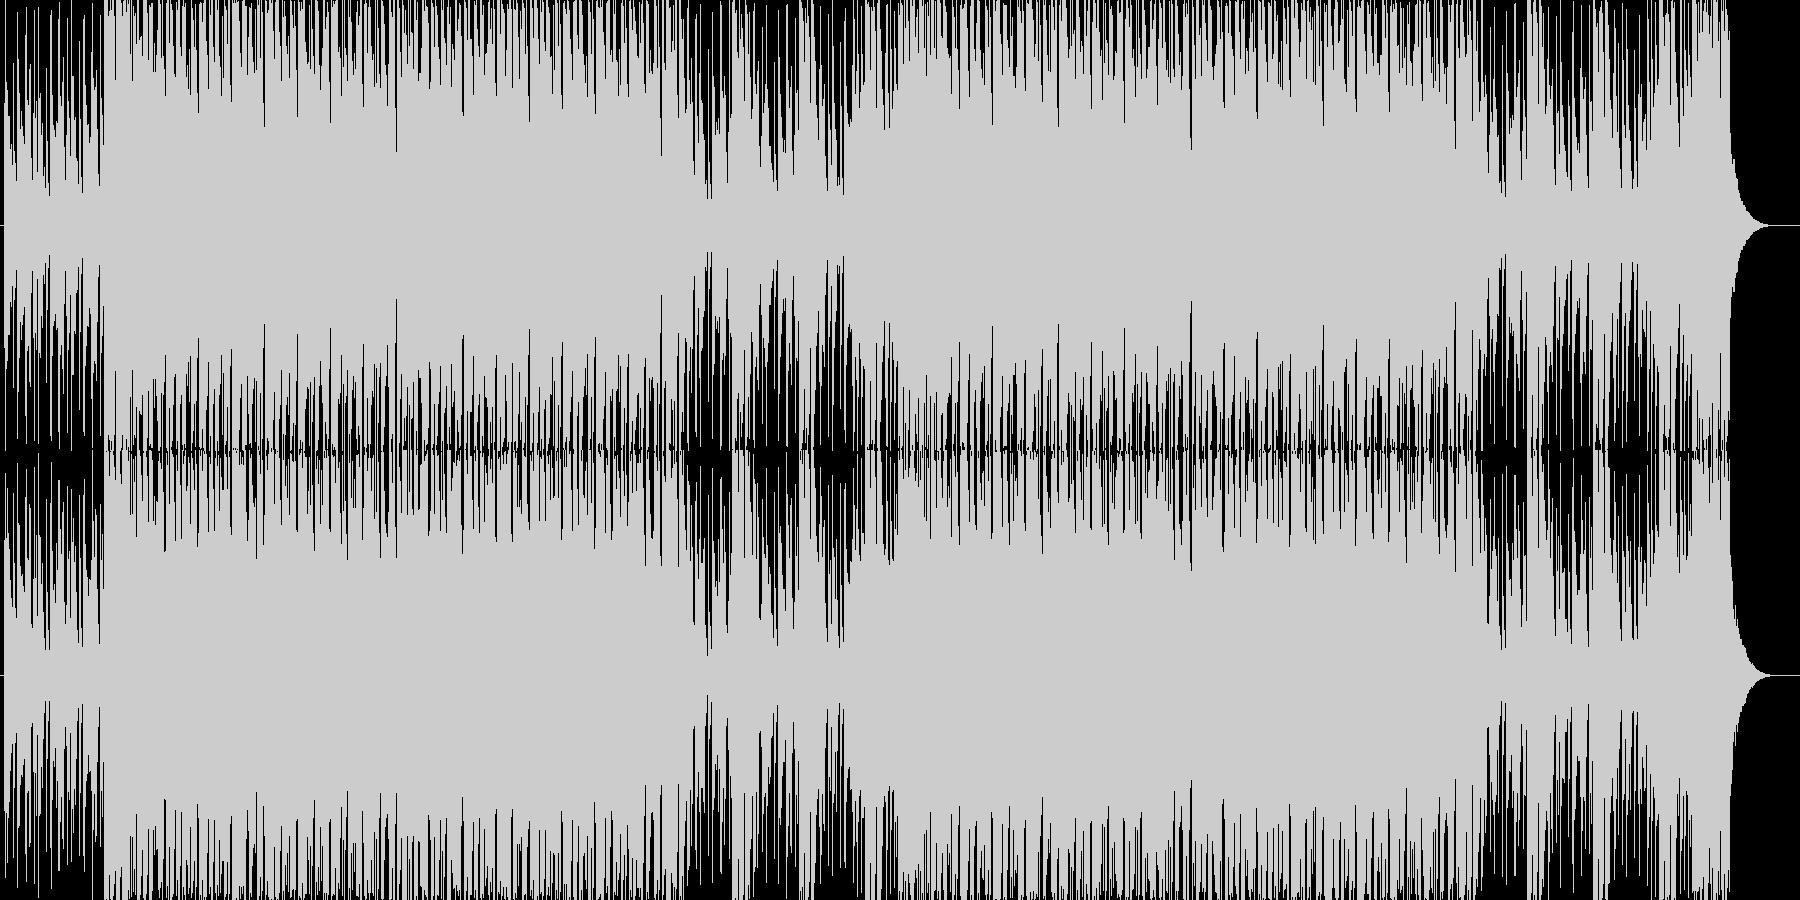 アプリゲームのオープニングに適した、ア…の未再生の波形